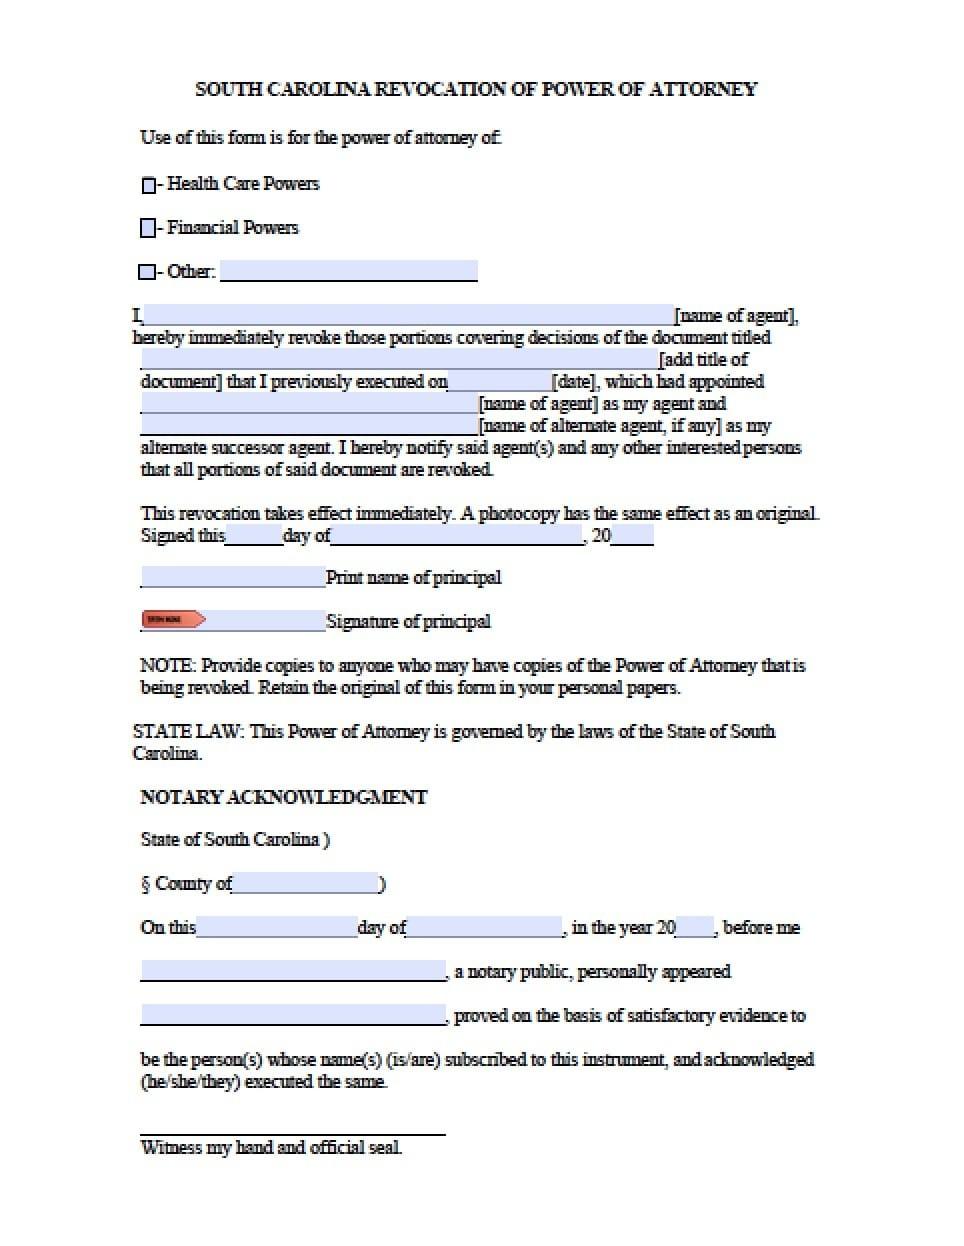 South Carolina Revocation Power Of Attorney Form - Power Of Attorney - Free Printable Revocation Of Power Of Attorney Form